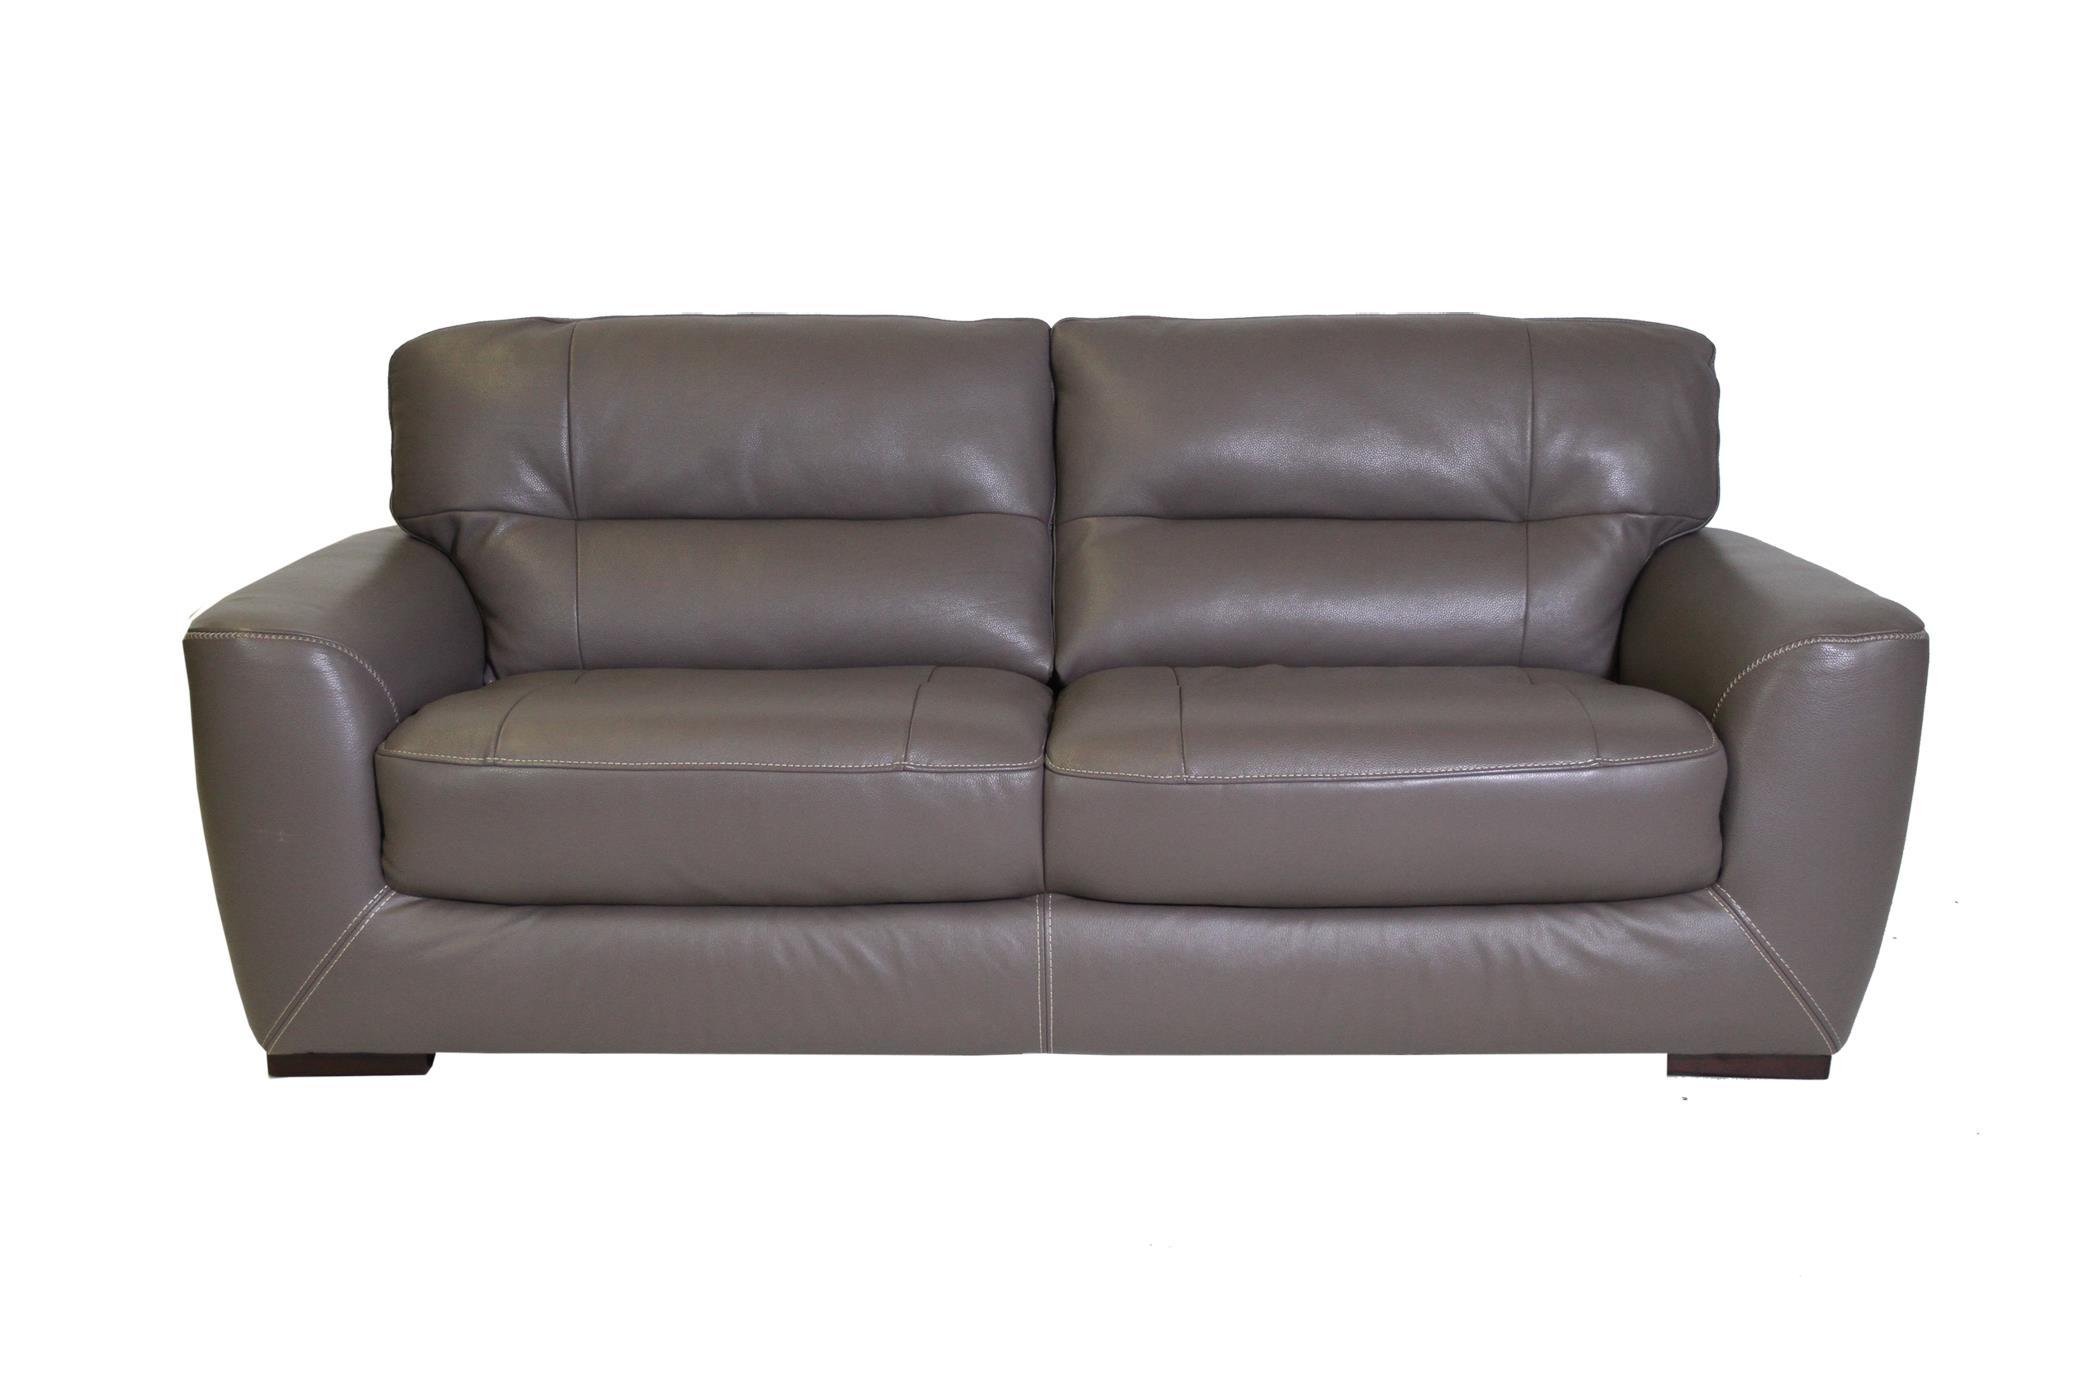 Twilight Sofa Leather Sectional Sofa